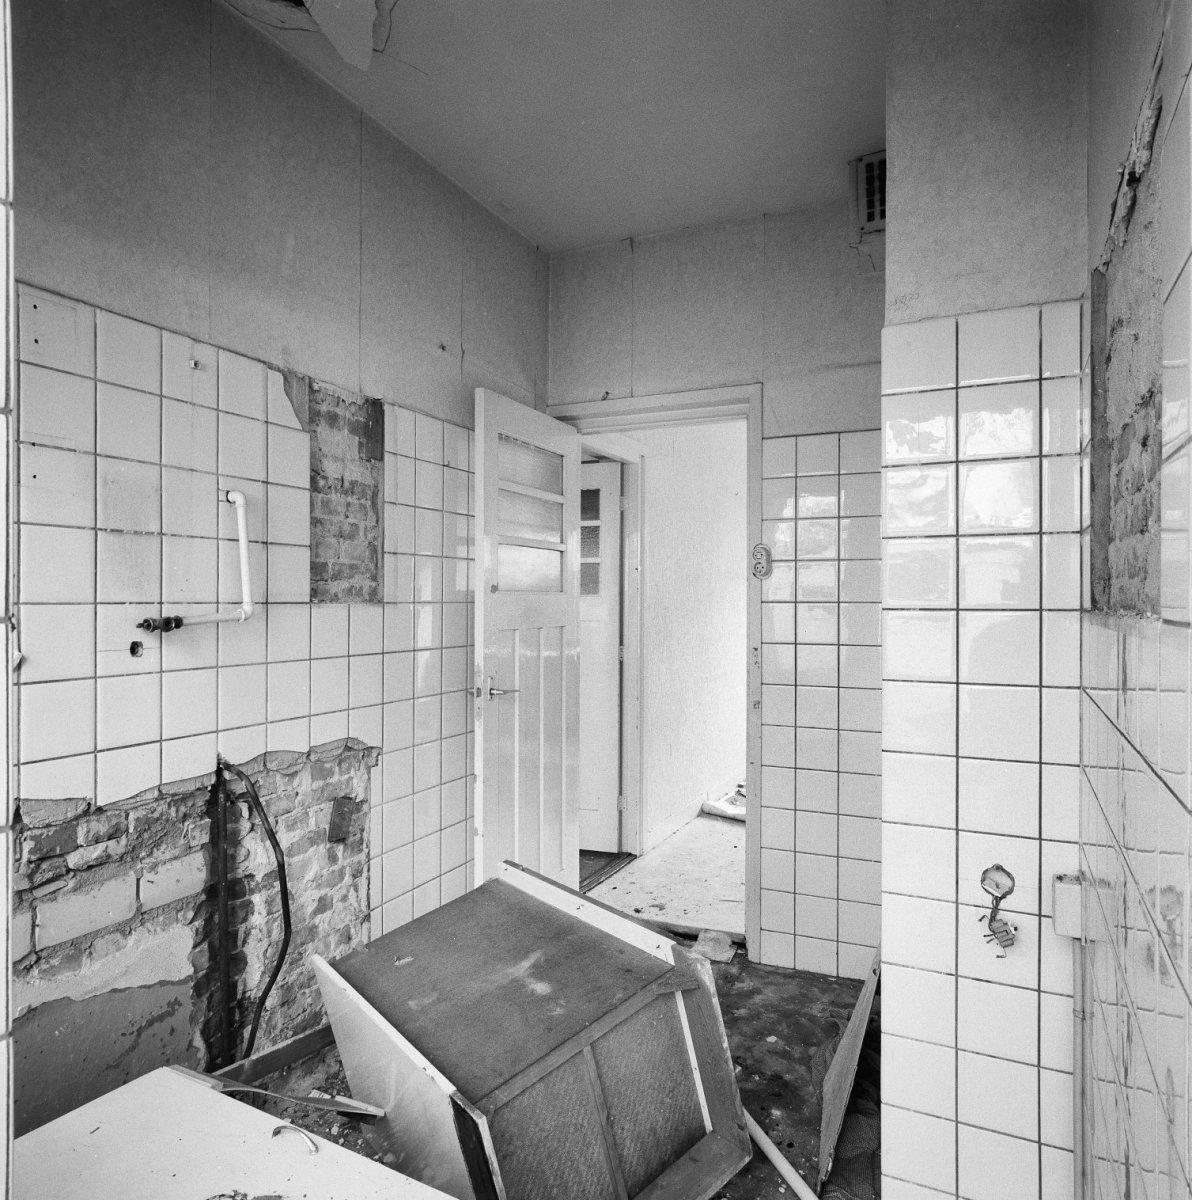 https://upload.wikimedia.org/wikipedia/commons/f/f0/Interieur_badkamer%2C_tijdens_renovatie_-_Hoek_van_Holland_-_20347122_-_RCE.jpg